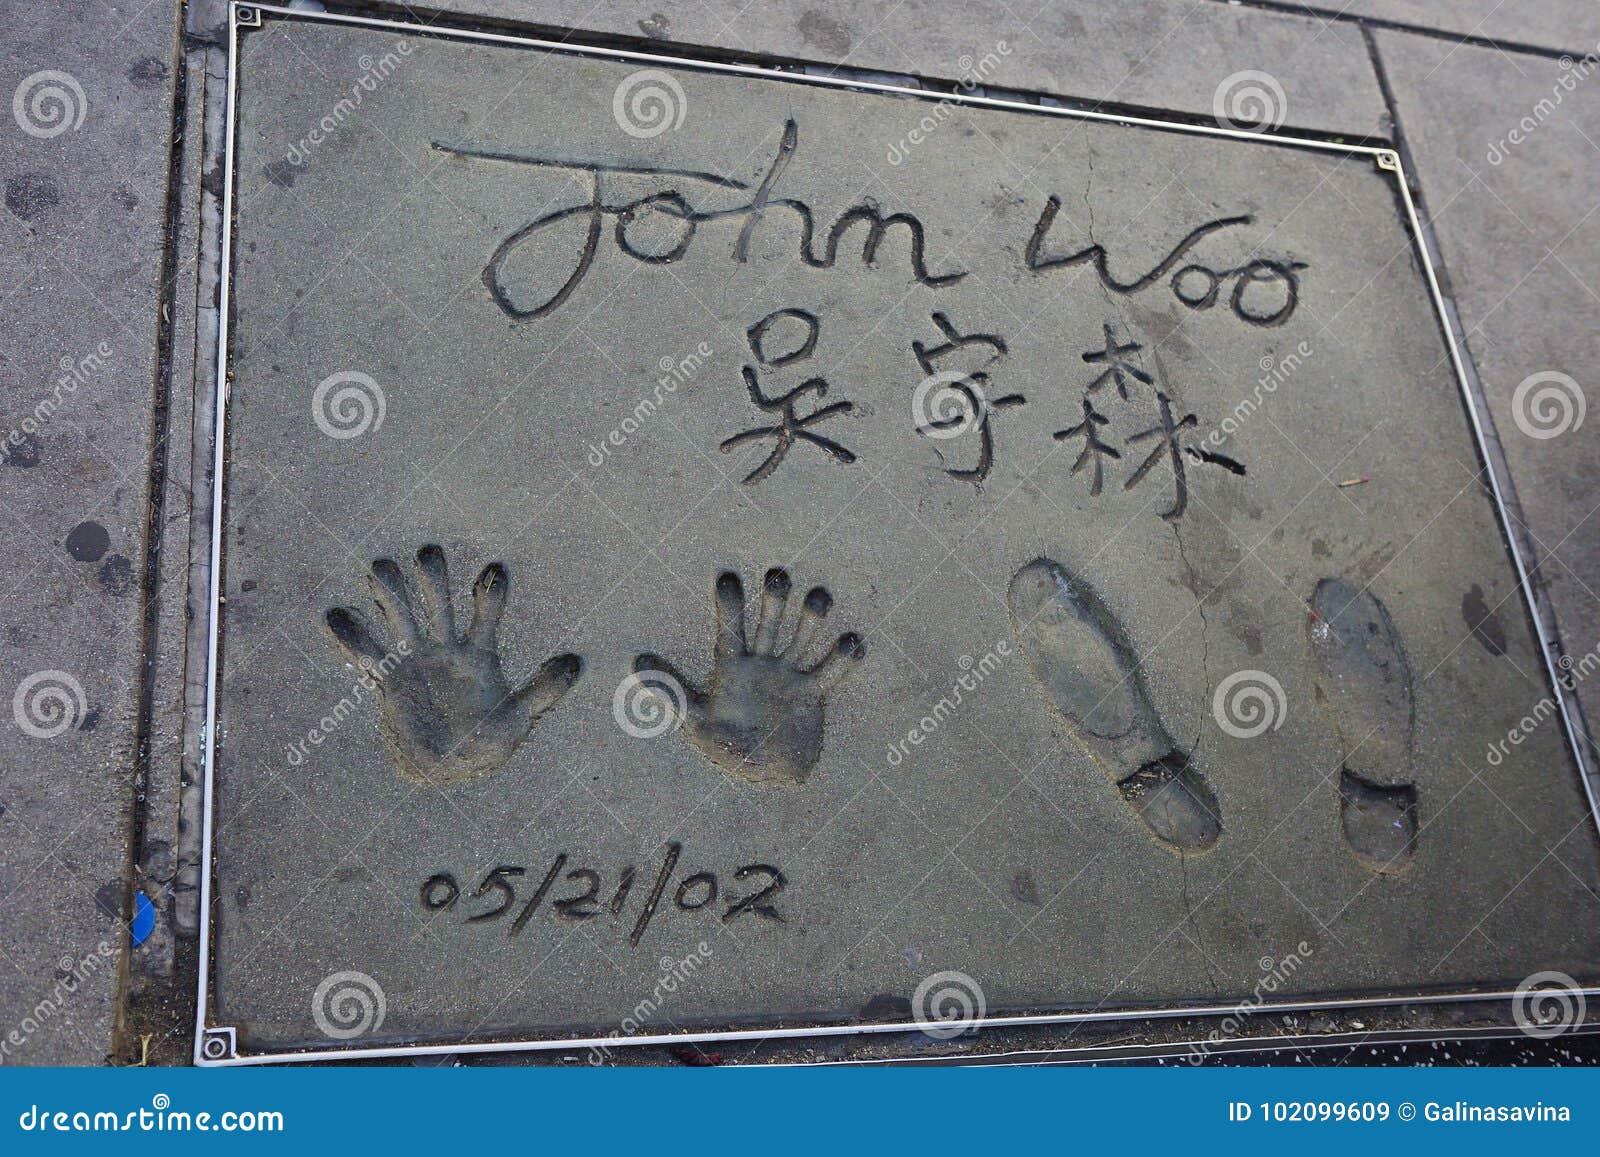 Los Angeles, Etats-Unis, 2016 : handprint et empreinte de pas John Woo de 2h24